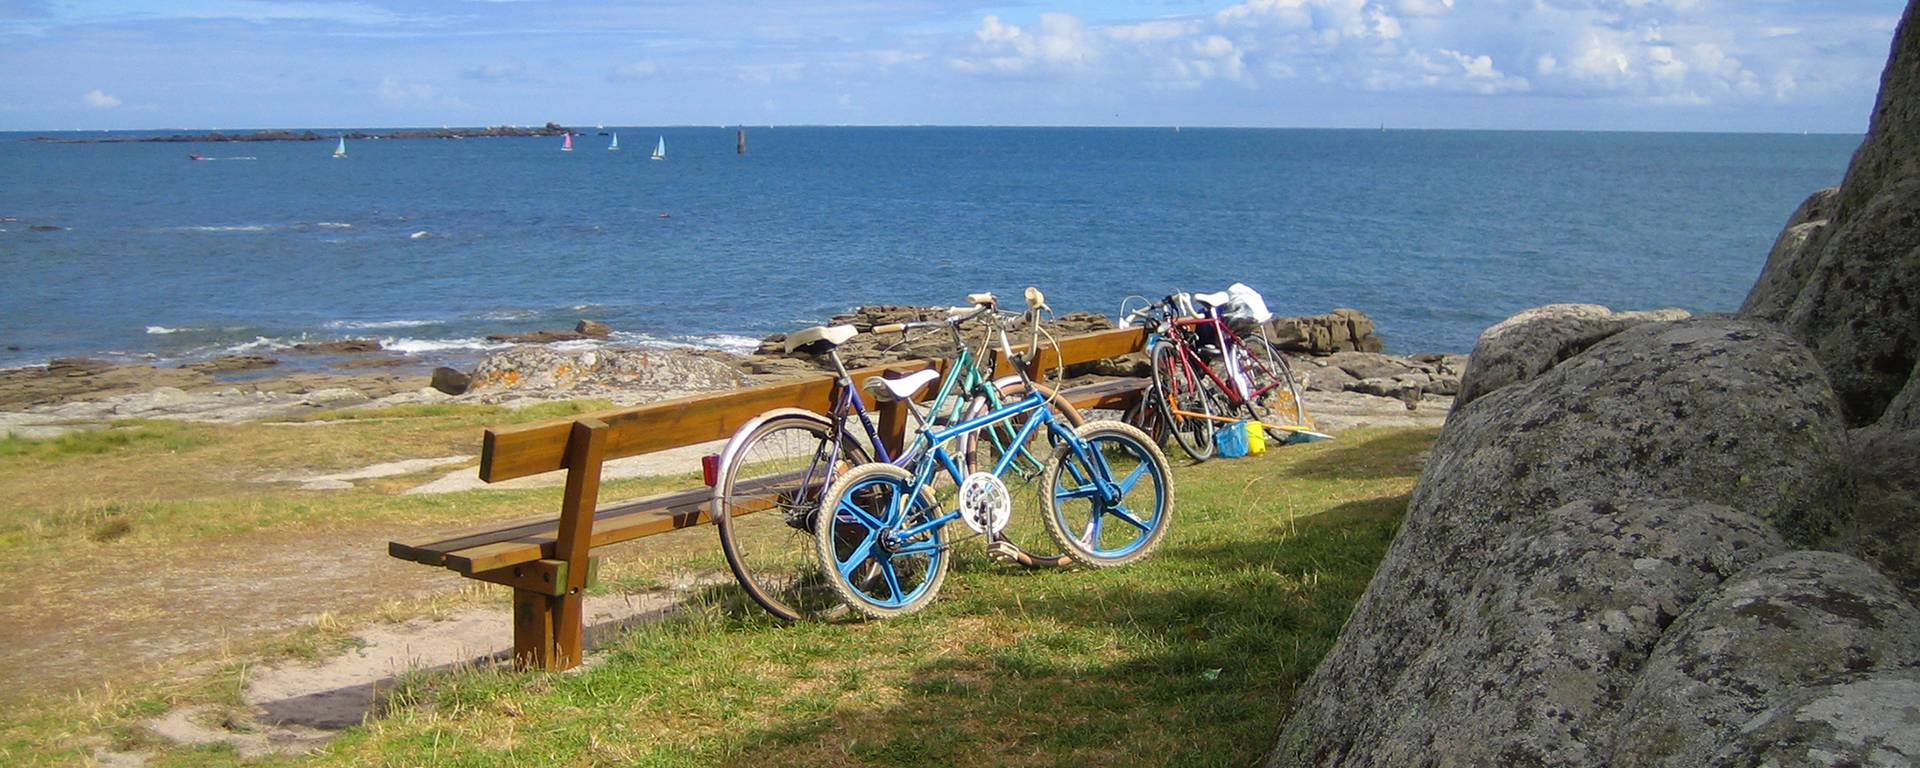 Radtour mit der ganzen Familie: an der Küste entlang im Pays Bigouden © E Cléret